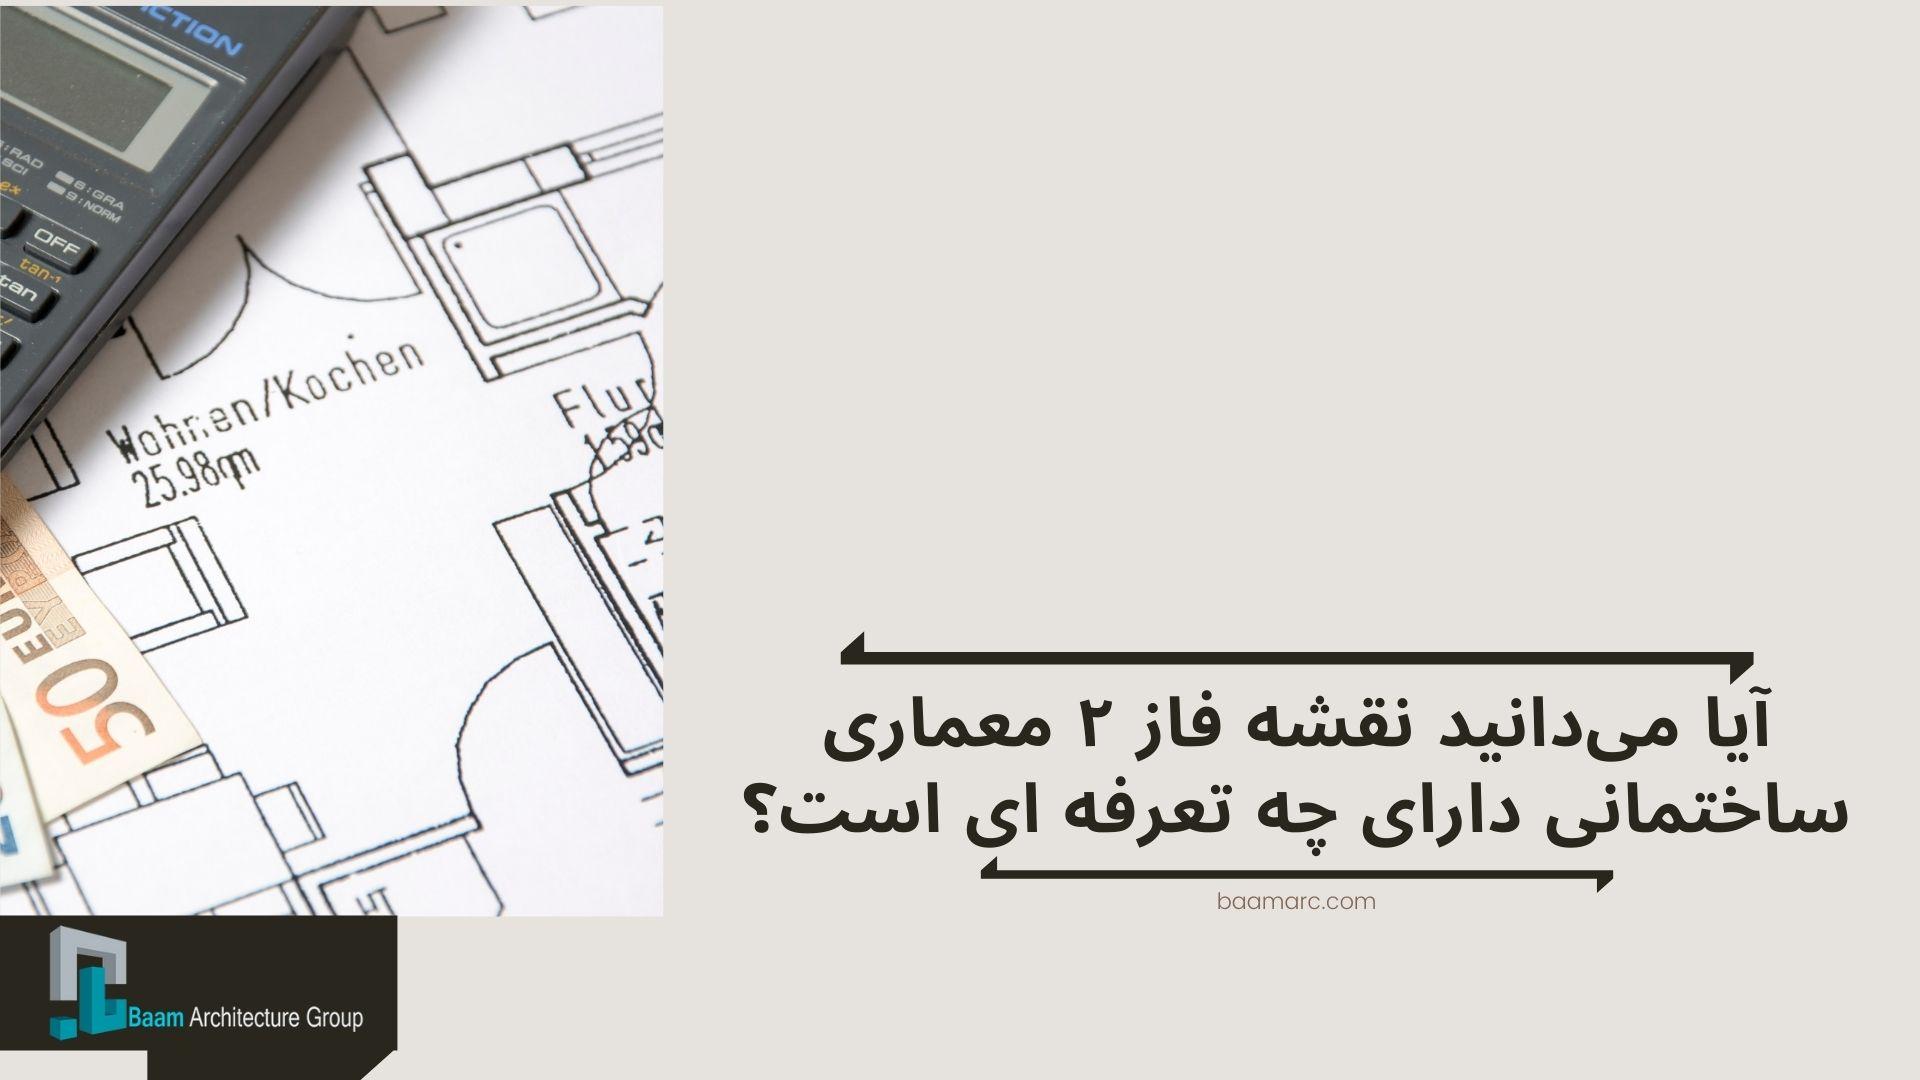 آیا میدانید نقشه فاز ۲ معماری ساختمانی دارای چه تعرفه ای است؟